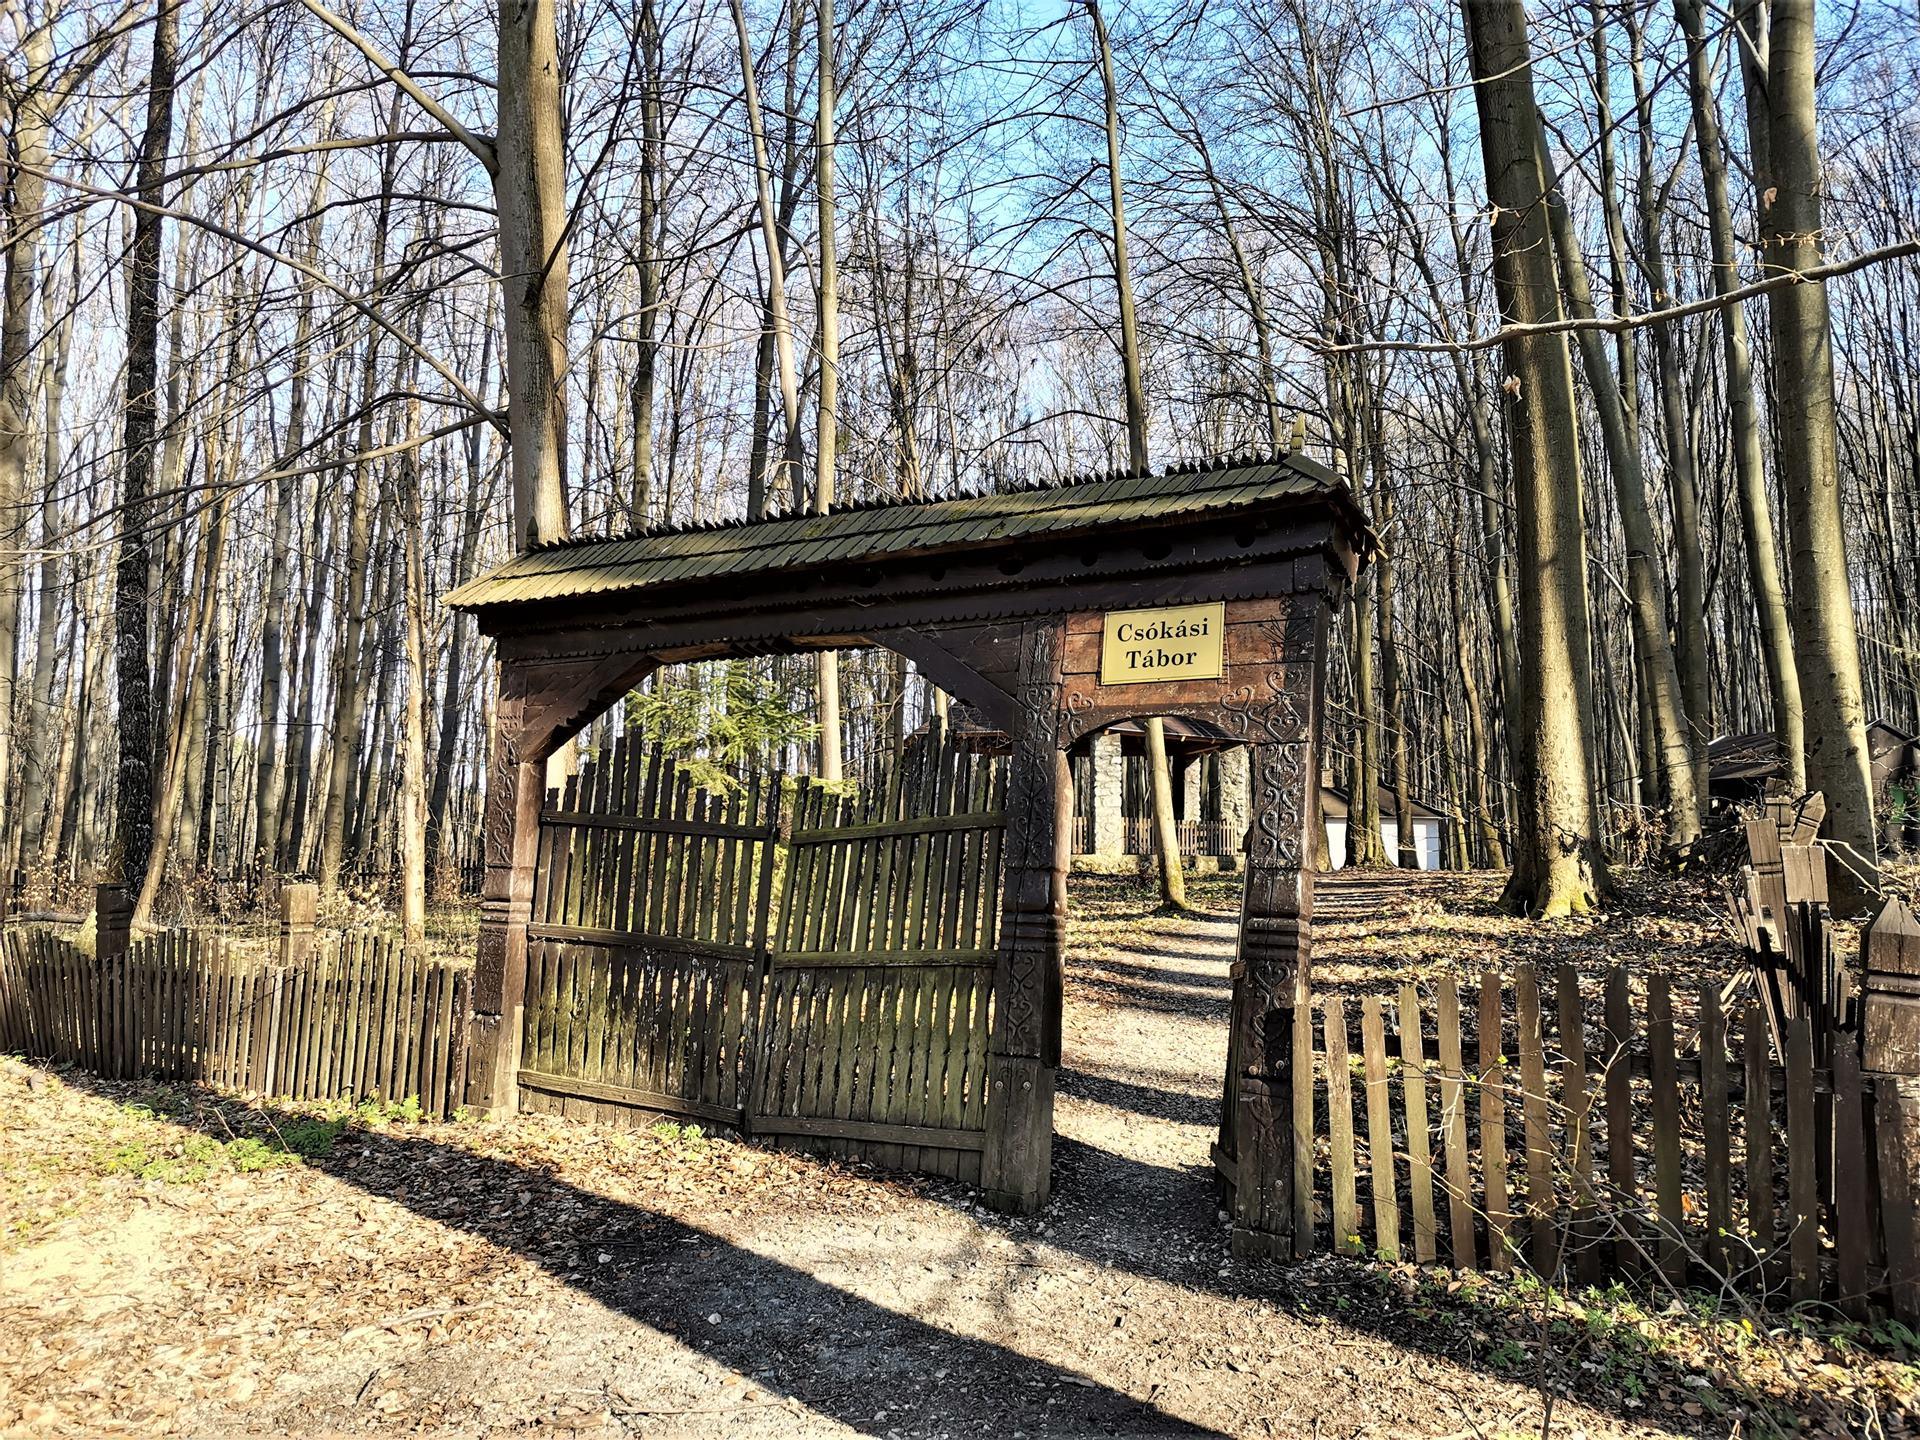 A Csókási táborhely székely kapuja